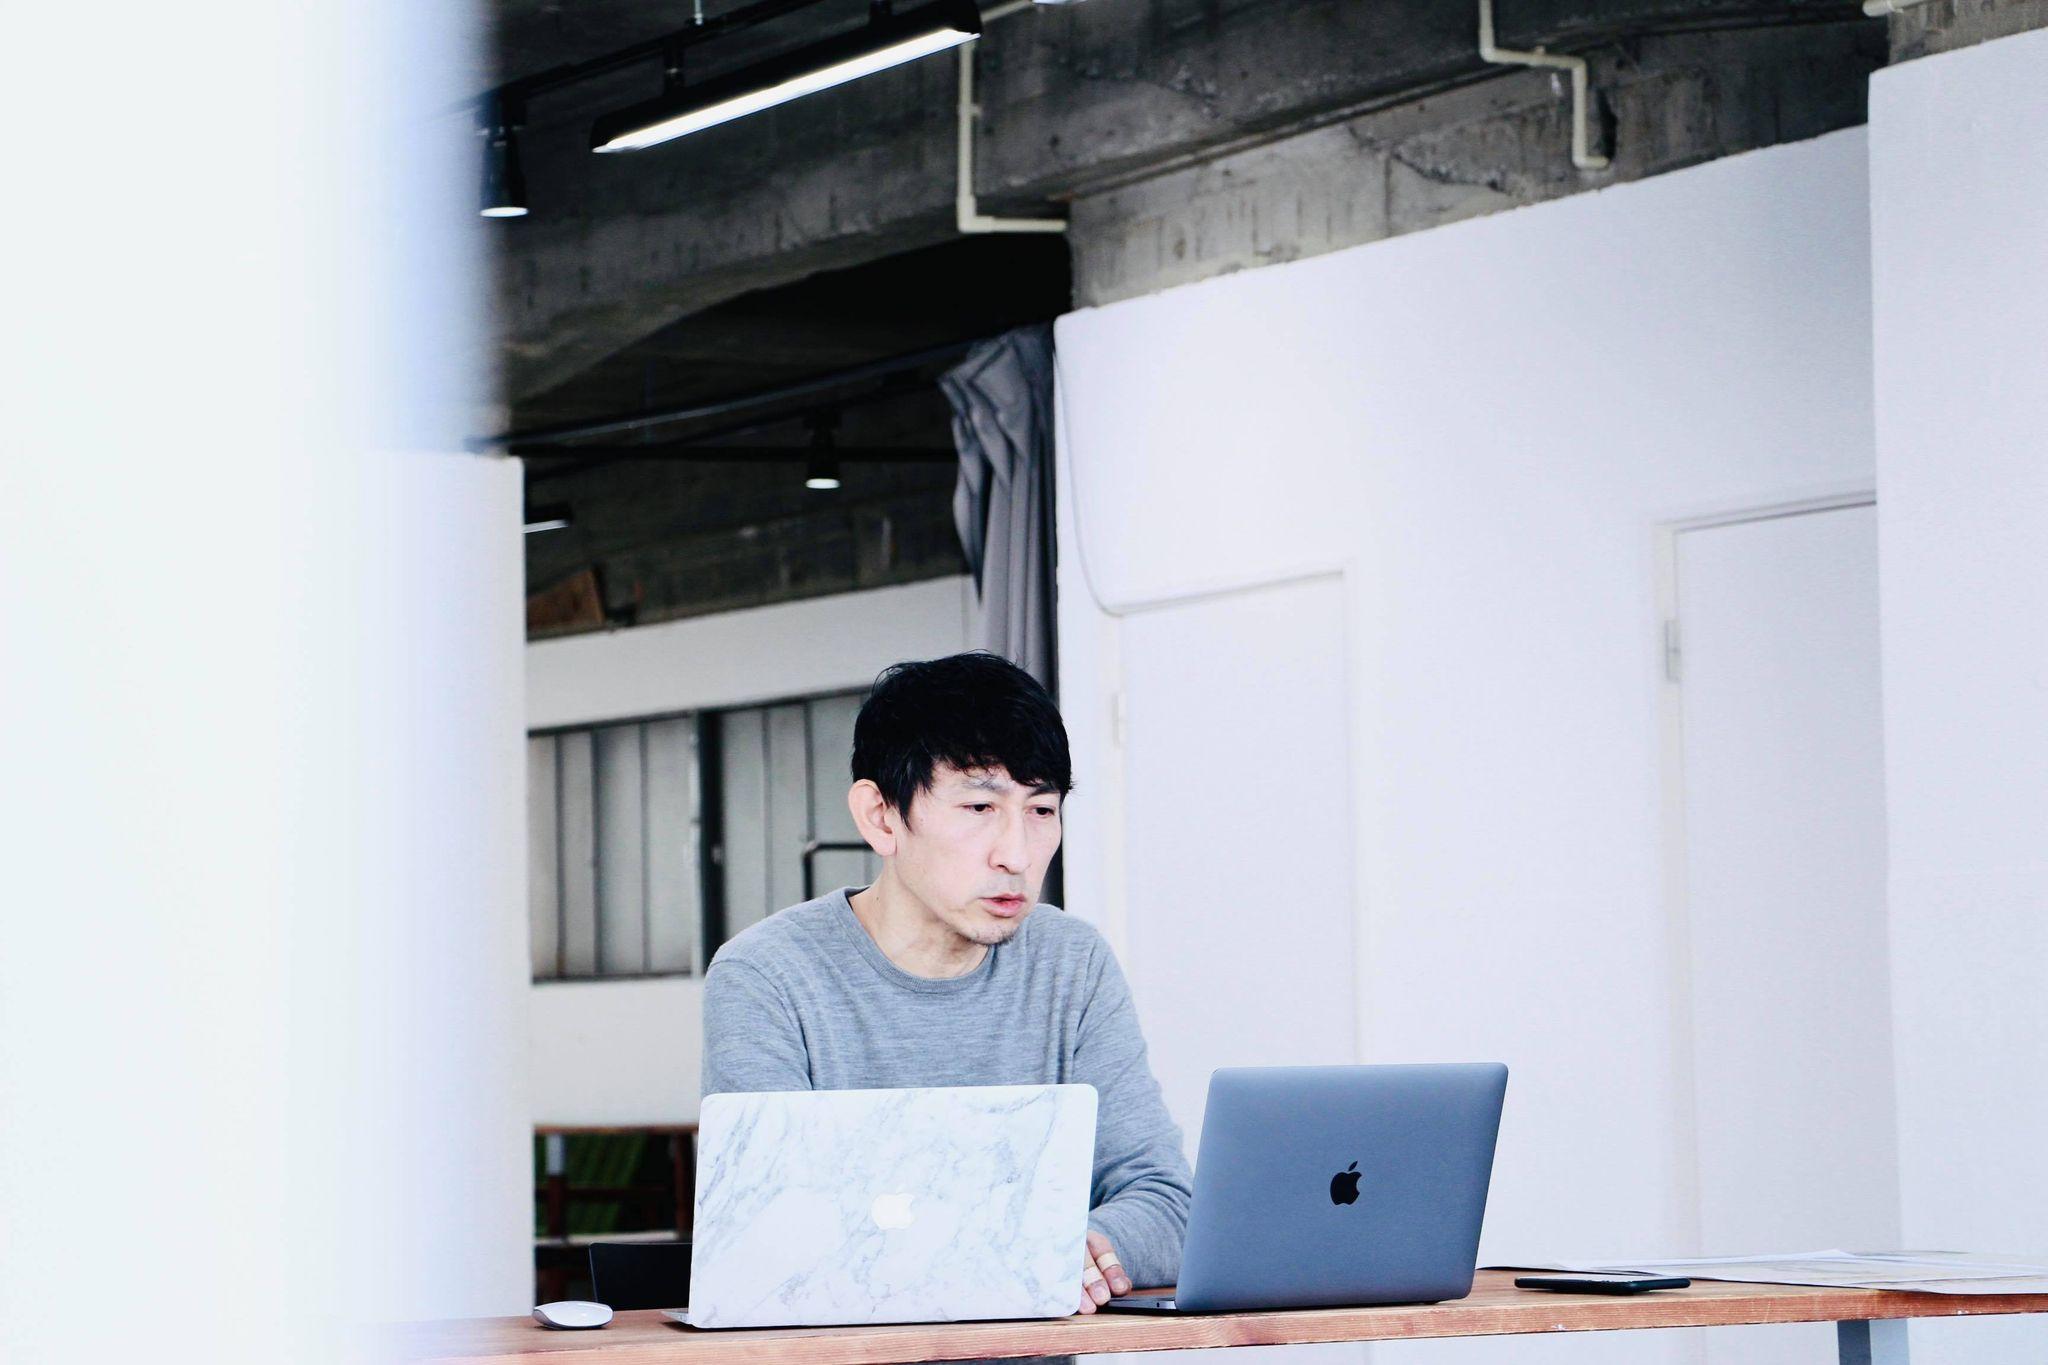 名古屋 ブランディング レンズアソシエイツ オンラインセミナー ブランディング思考 ビジョン経営 インターナルブランディング